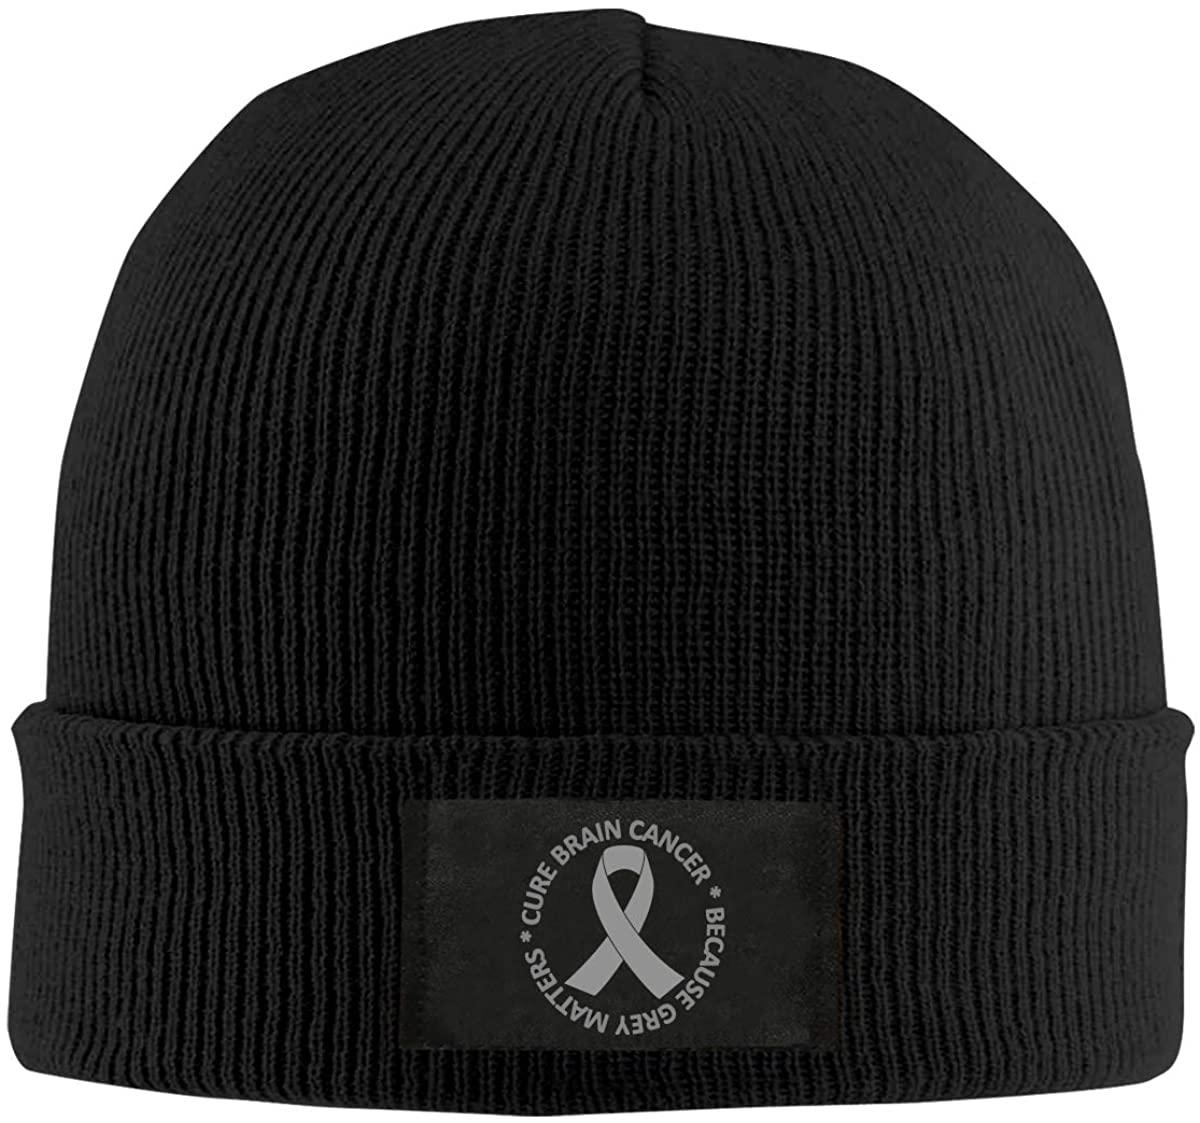 Brain Cancer Awareness Brain Tumor Men Women Knitted Hat Comfortable Skull Cap